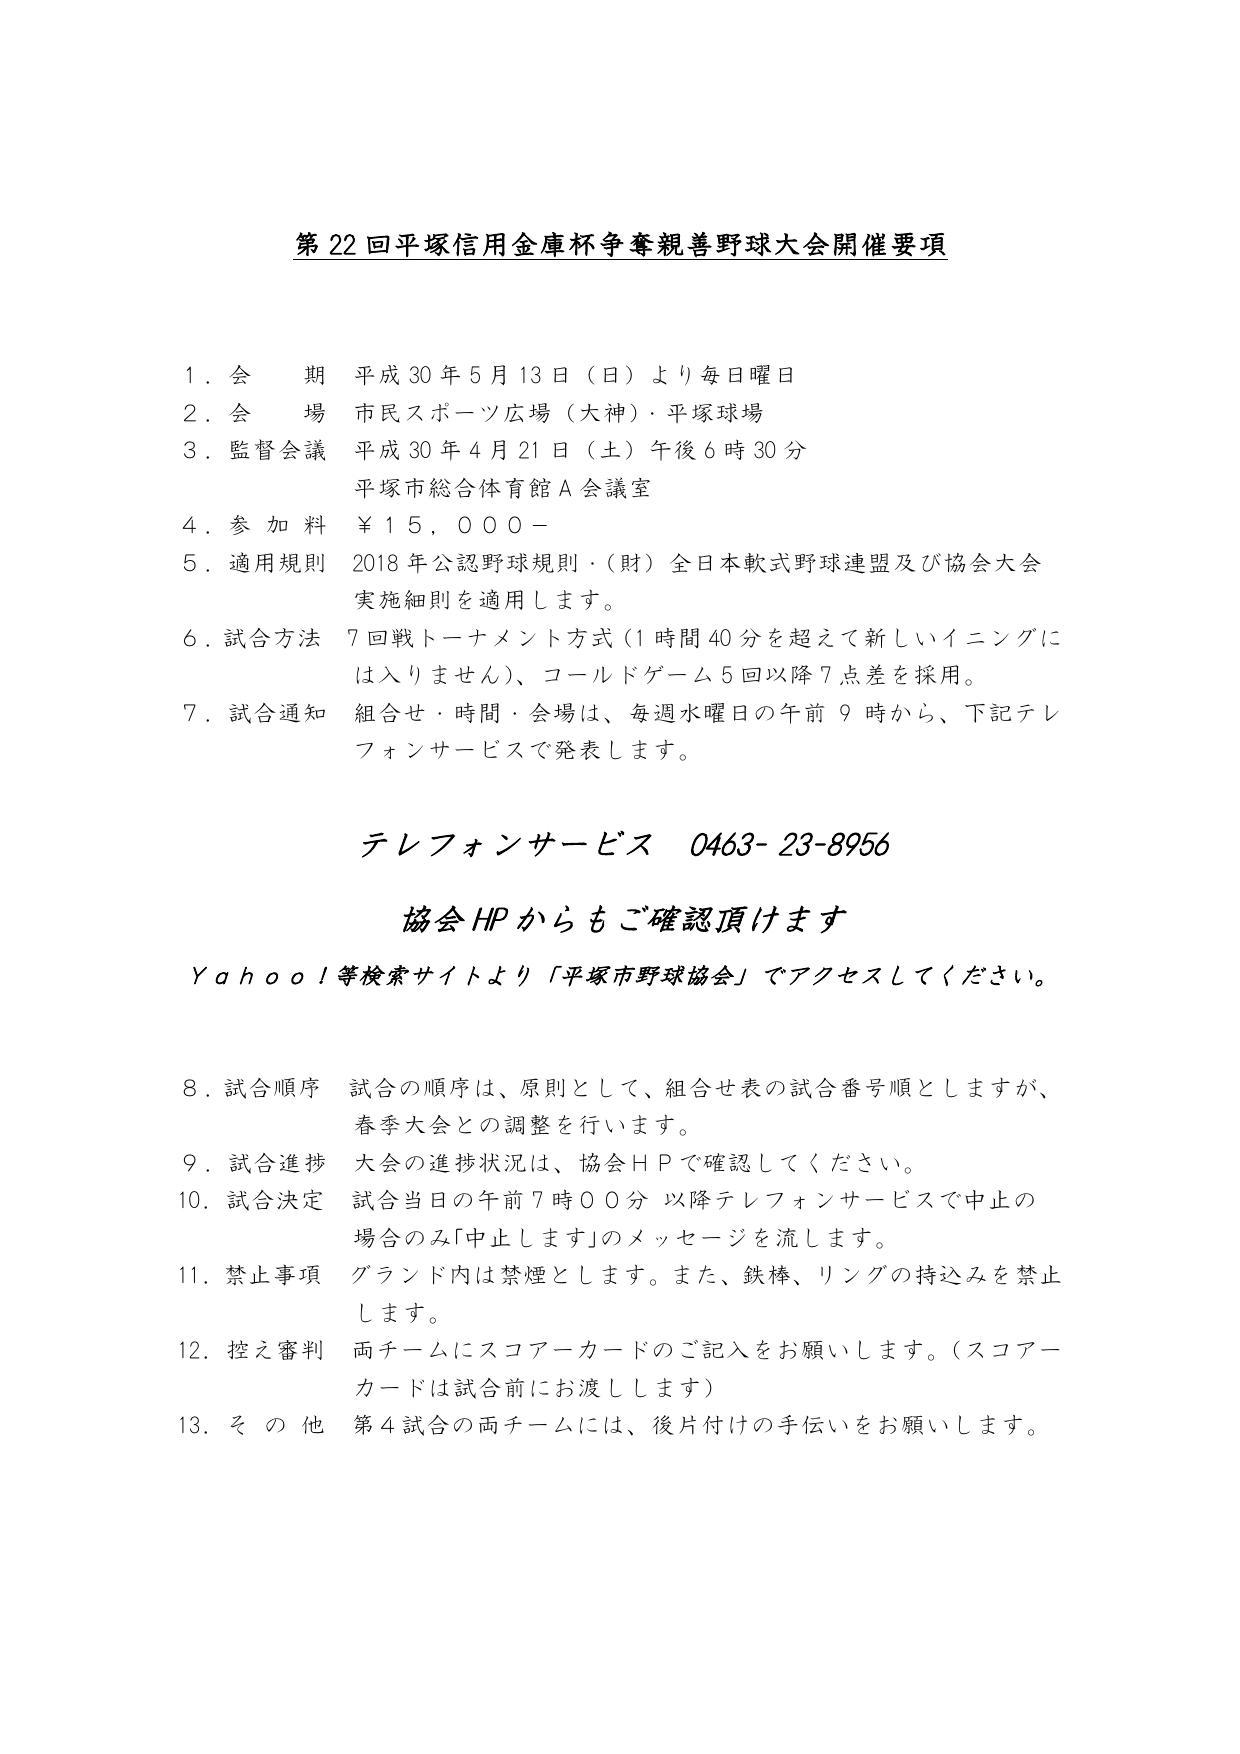 18hsyoko_000001.jpg